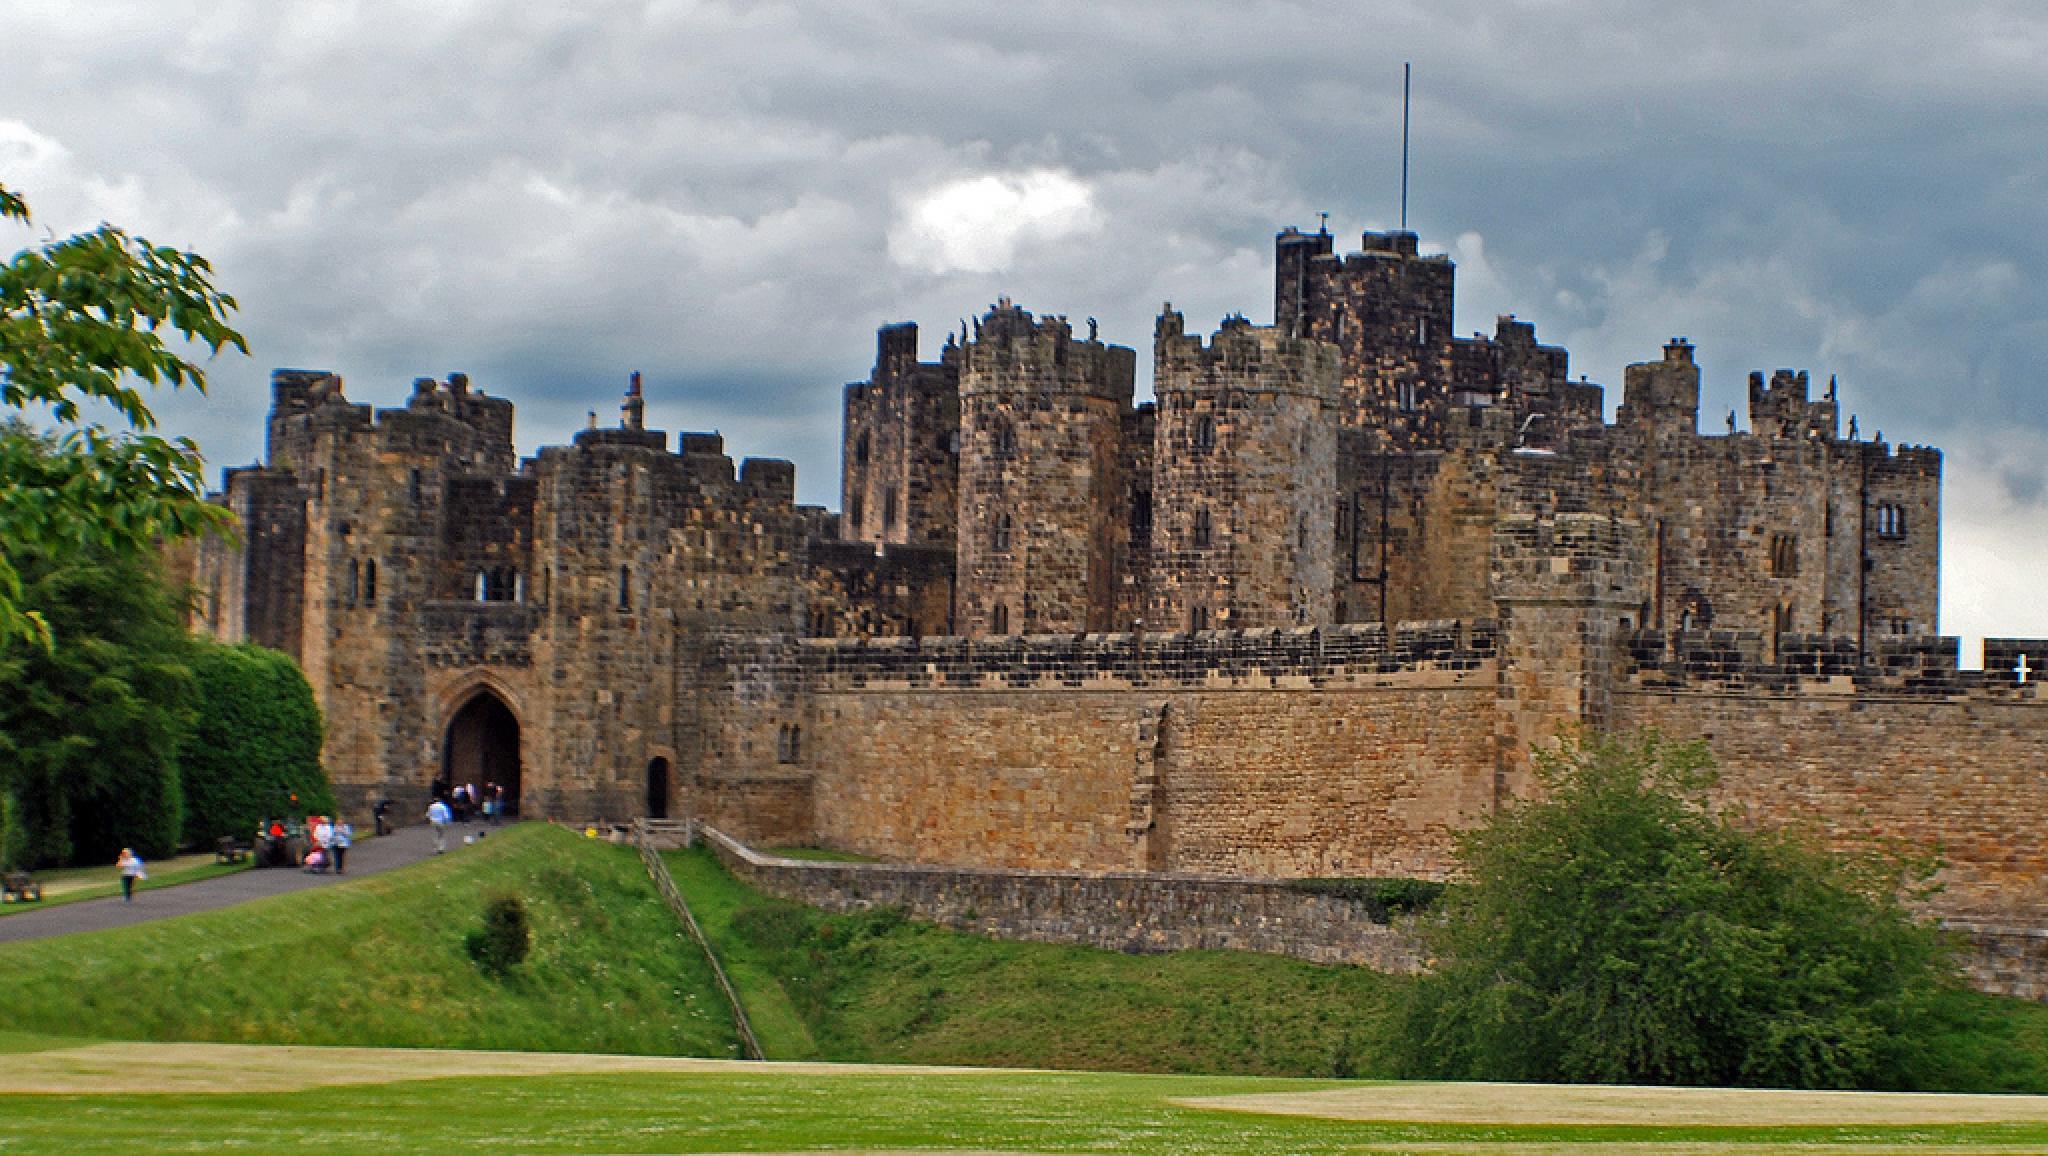 Alnwick Castle by Aligeeach